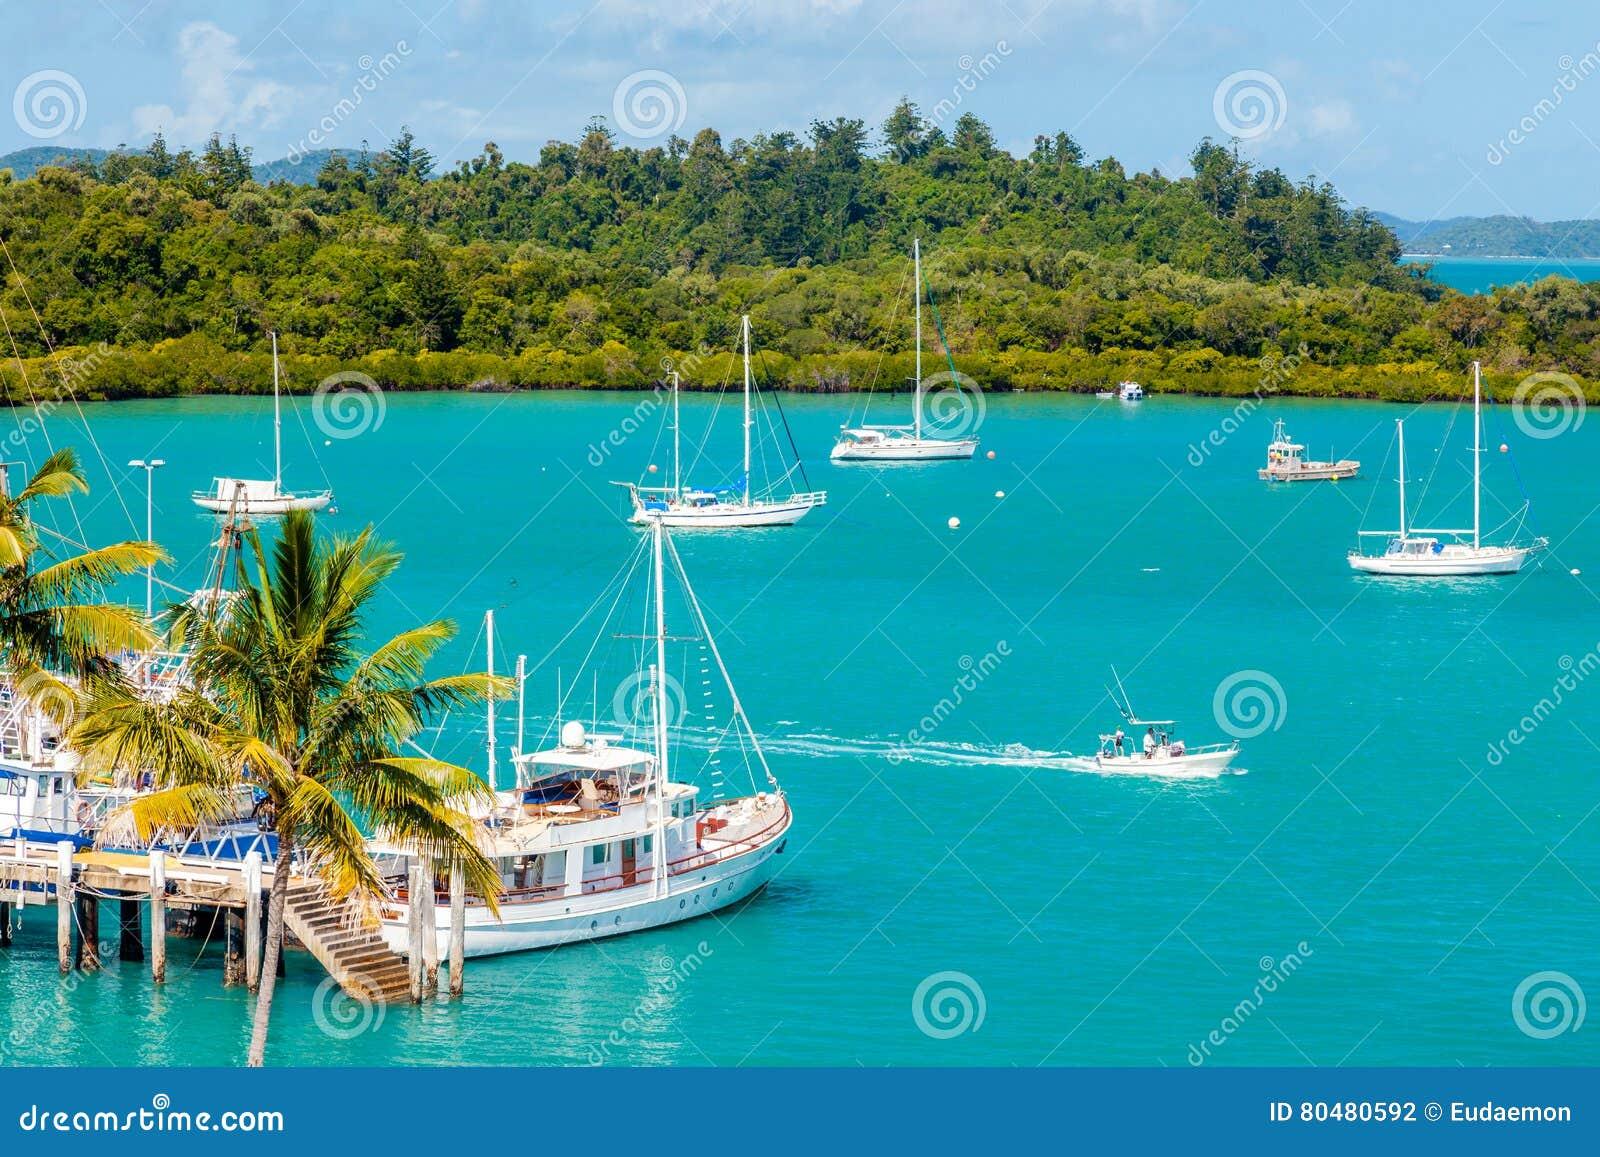 Yates y barcos en puerto deportivo tropical